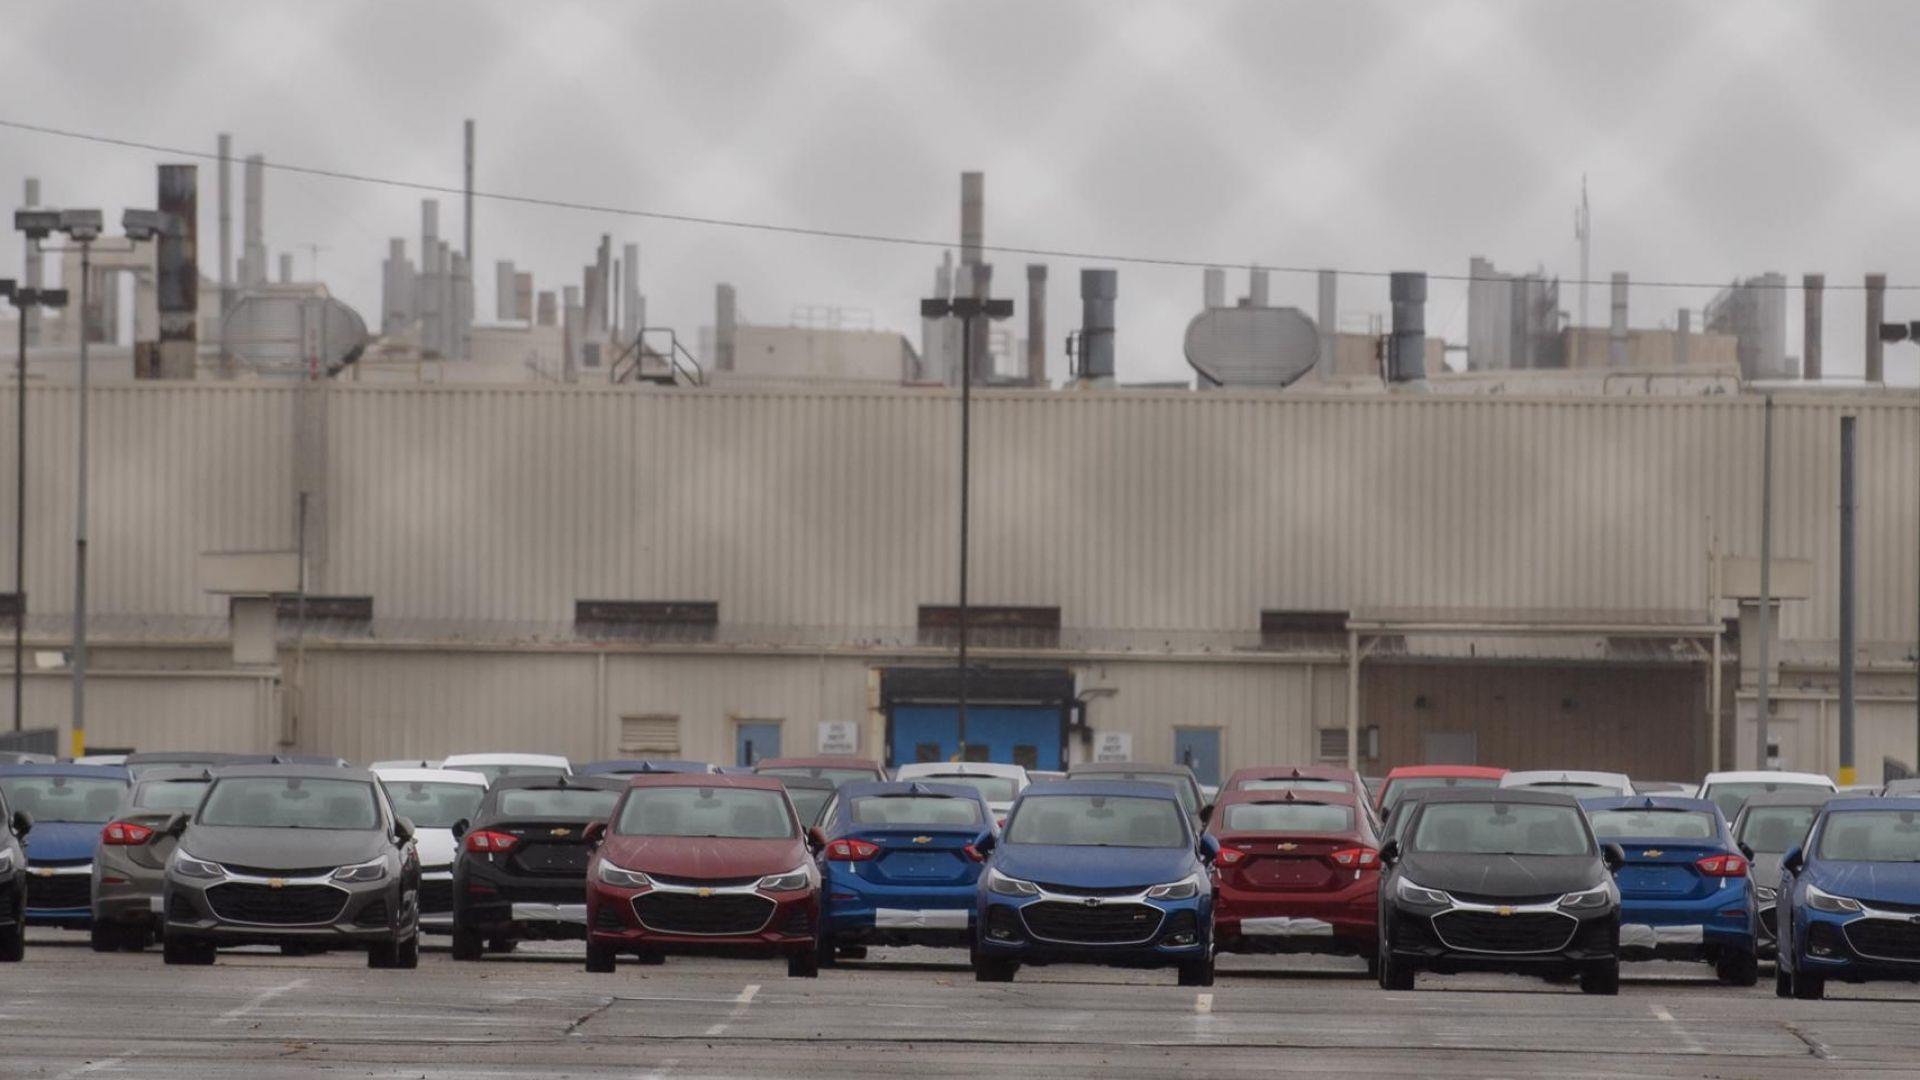 Дженерал мотърс постигна временно споразумение със синдикатите